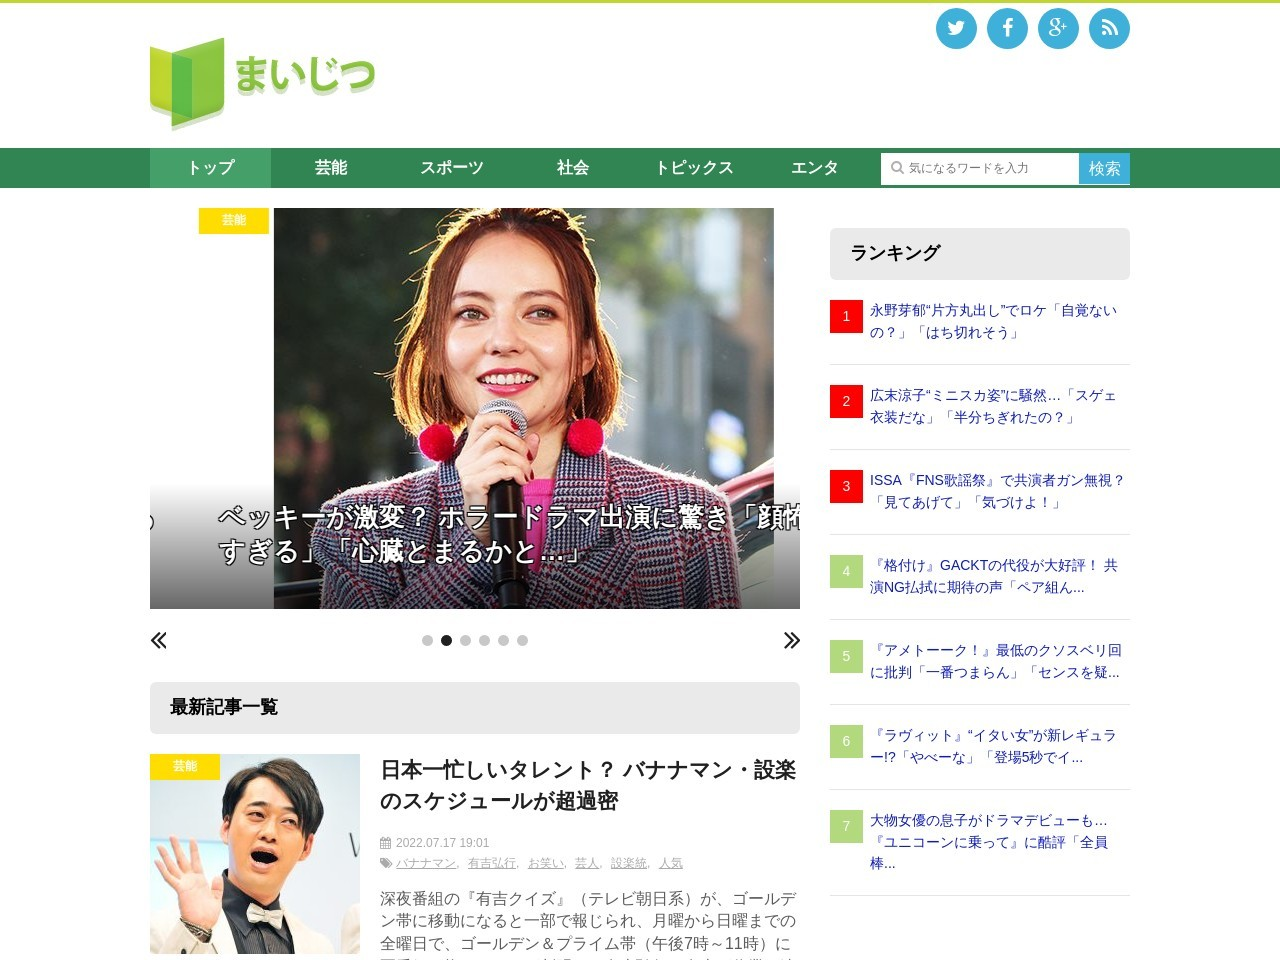 """吉本""""お家騒動""""をナナメから斬りまくる! 関西芸人たちの秀逸コメント集"""